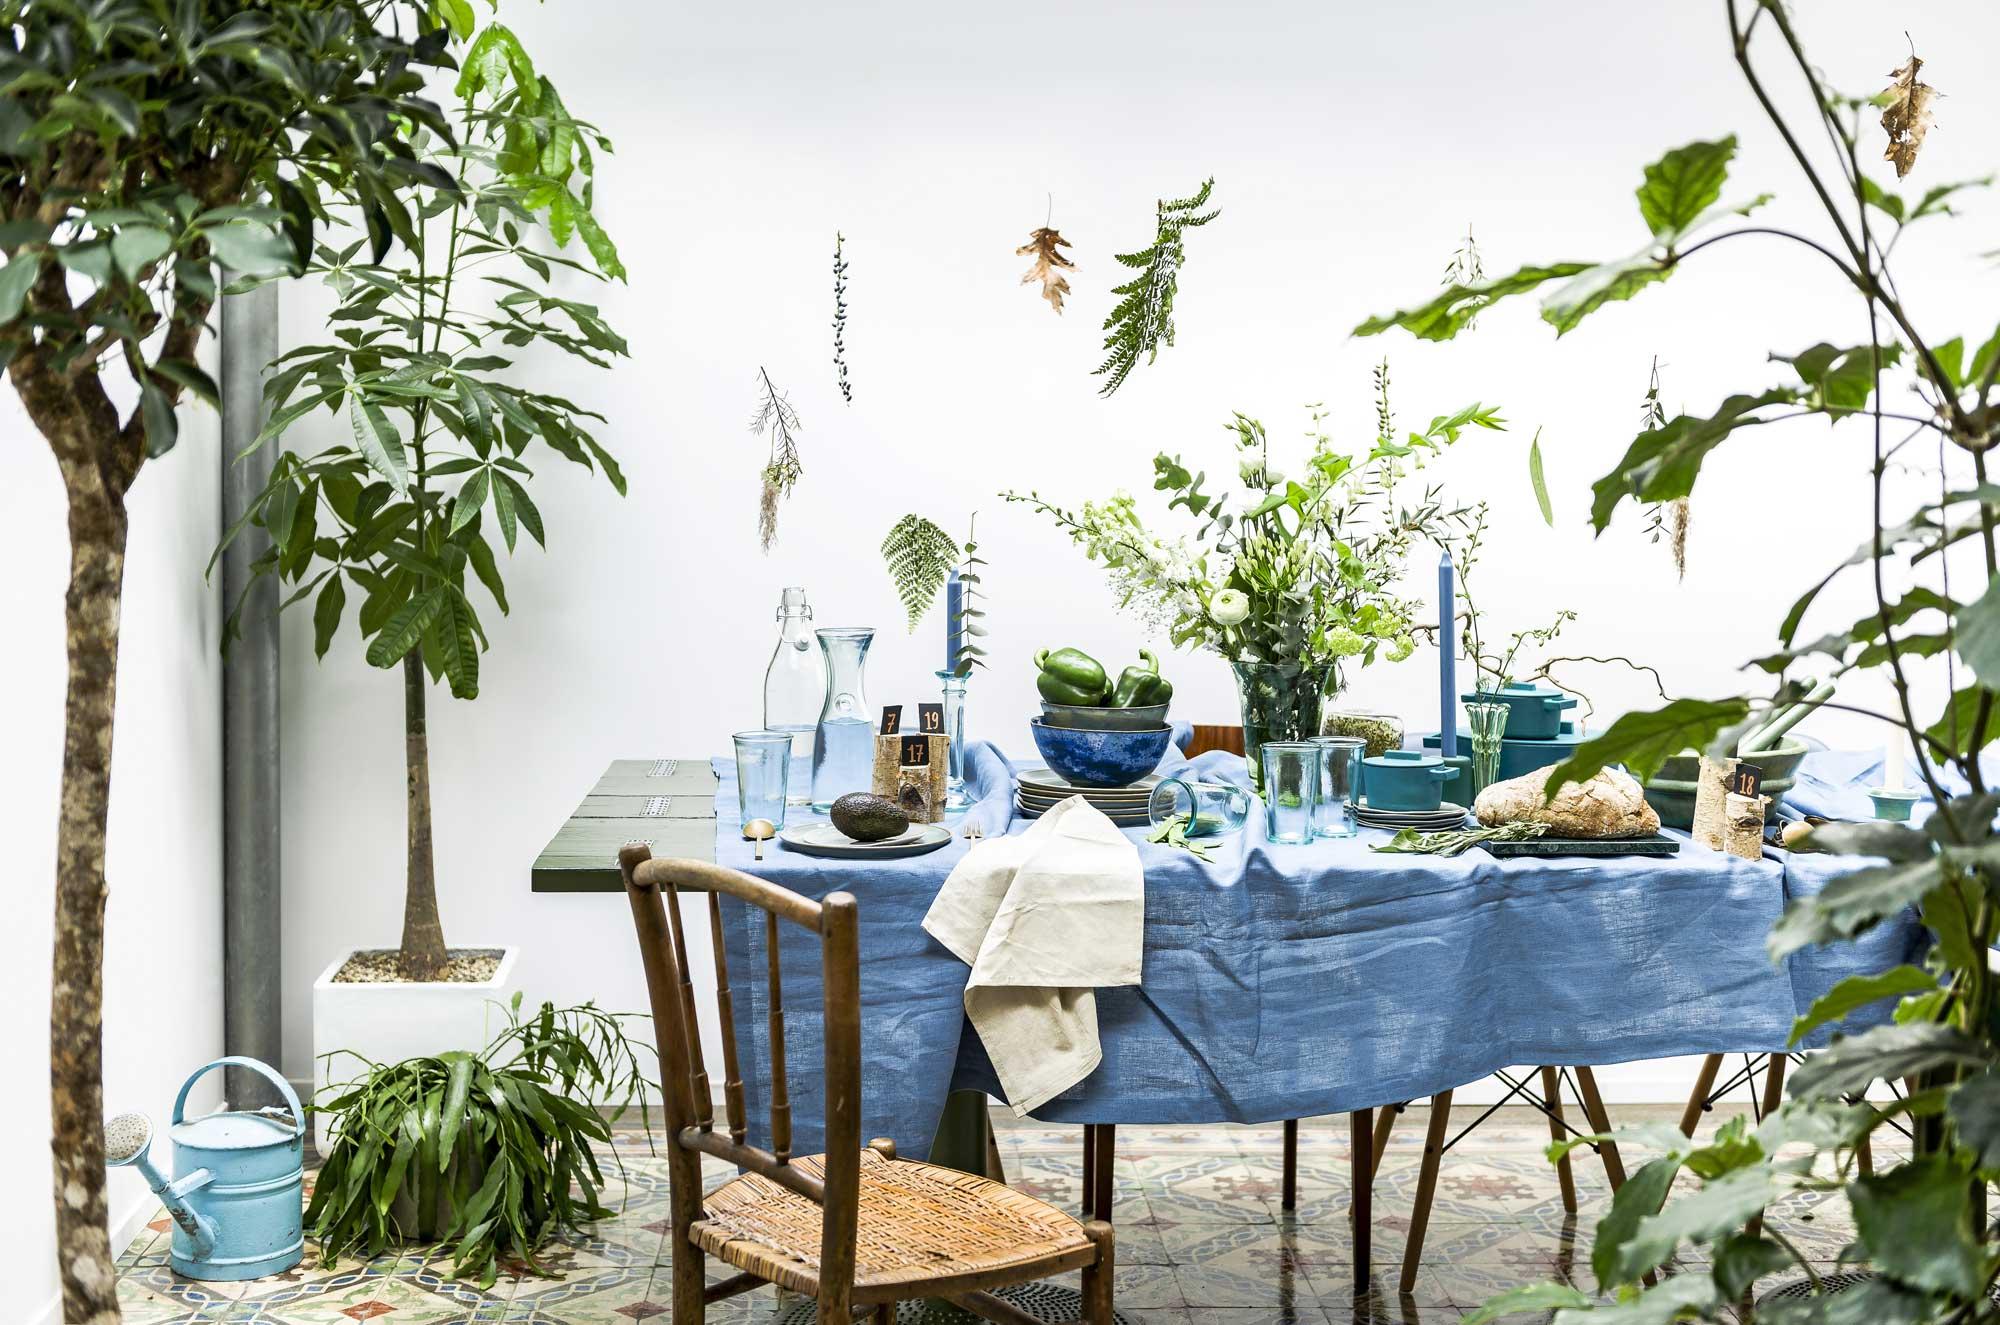 bloemetjesgordijn-groen-diy